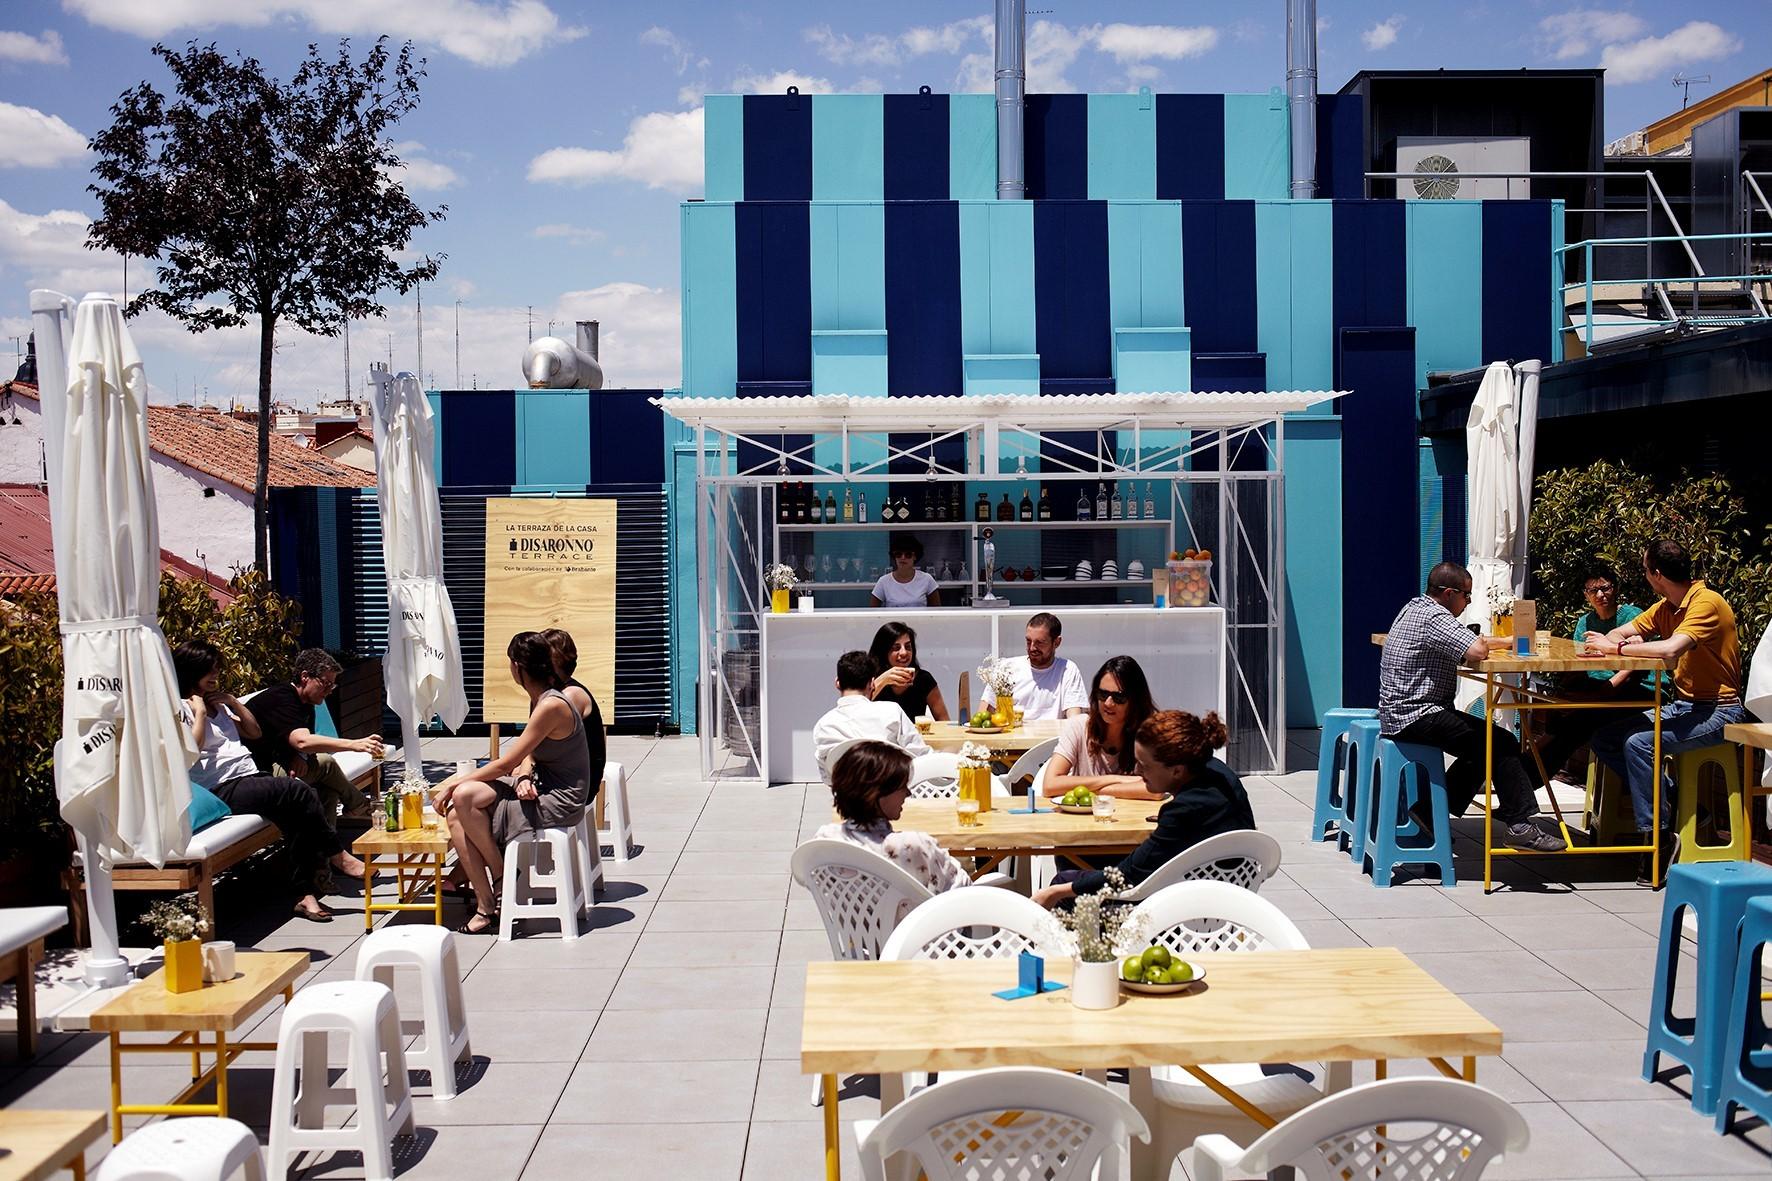 Circulo De Bellas Artes Terraza Restaurante